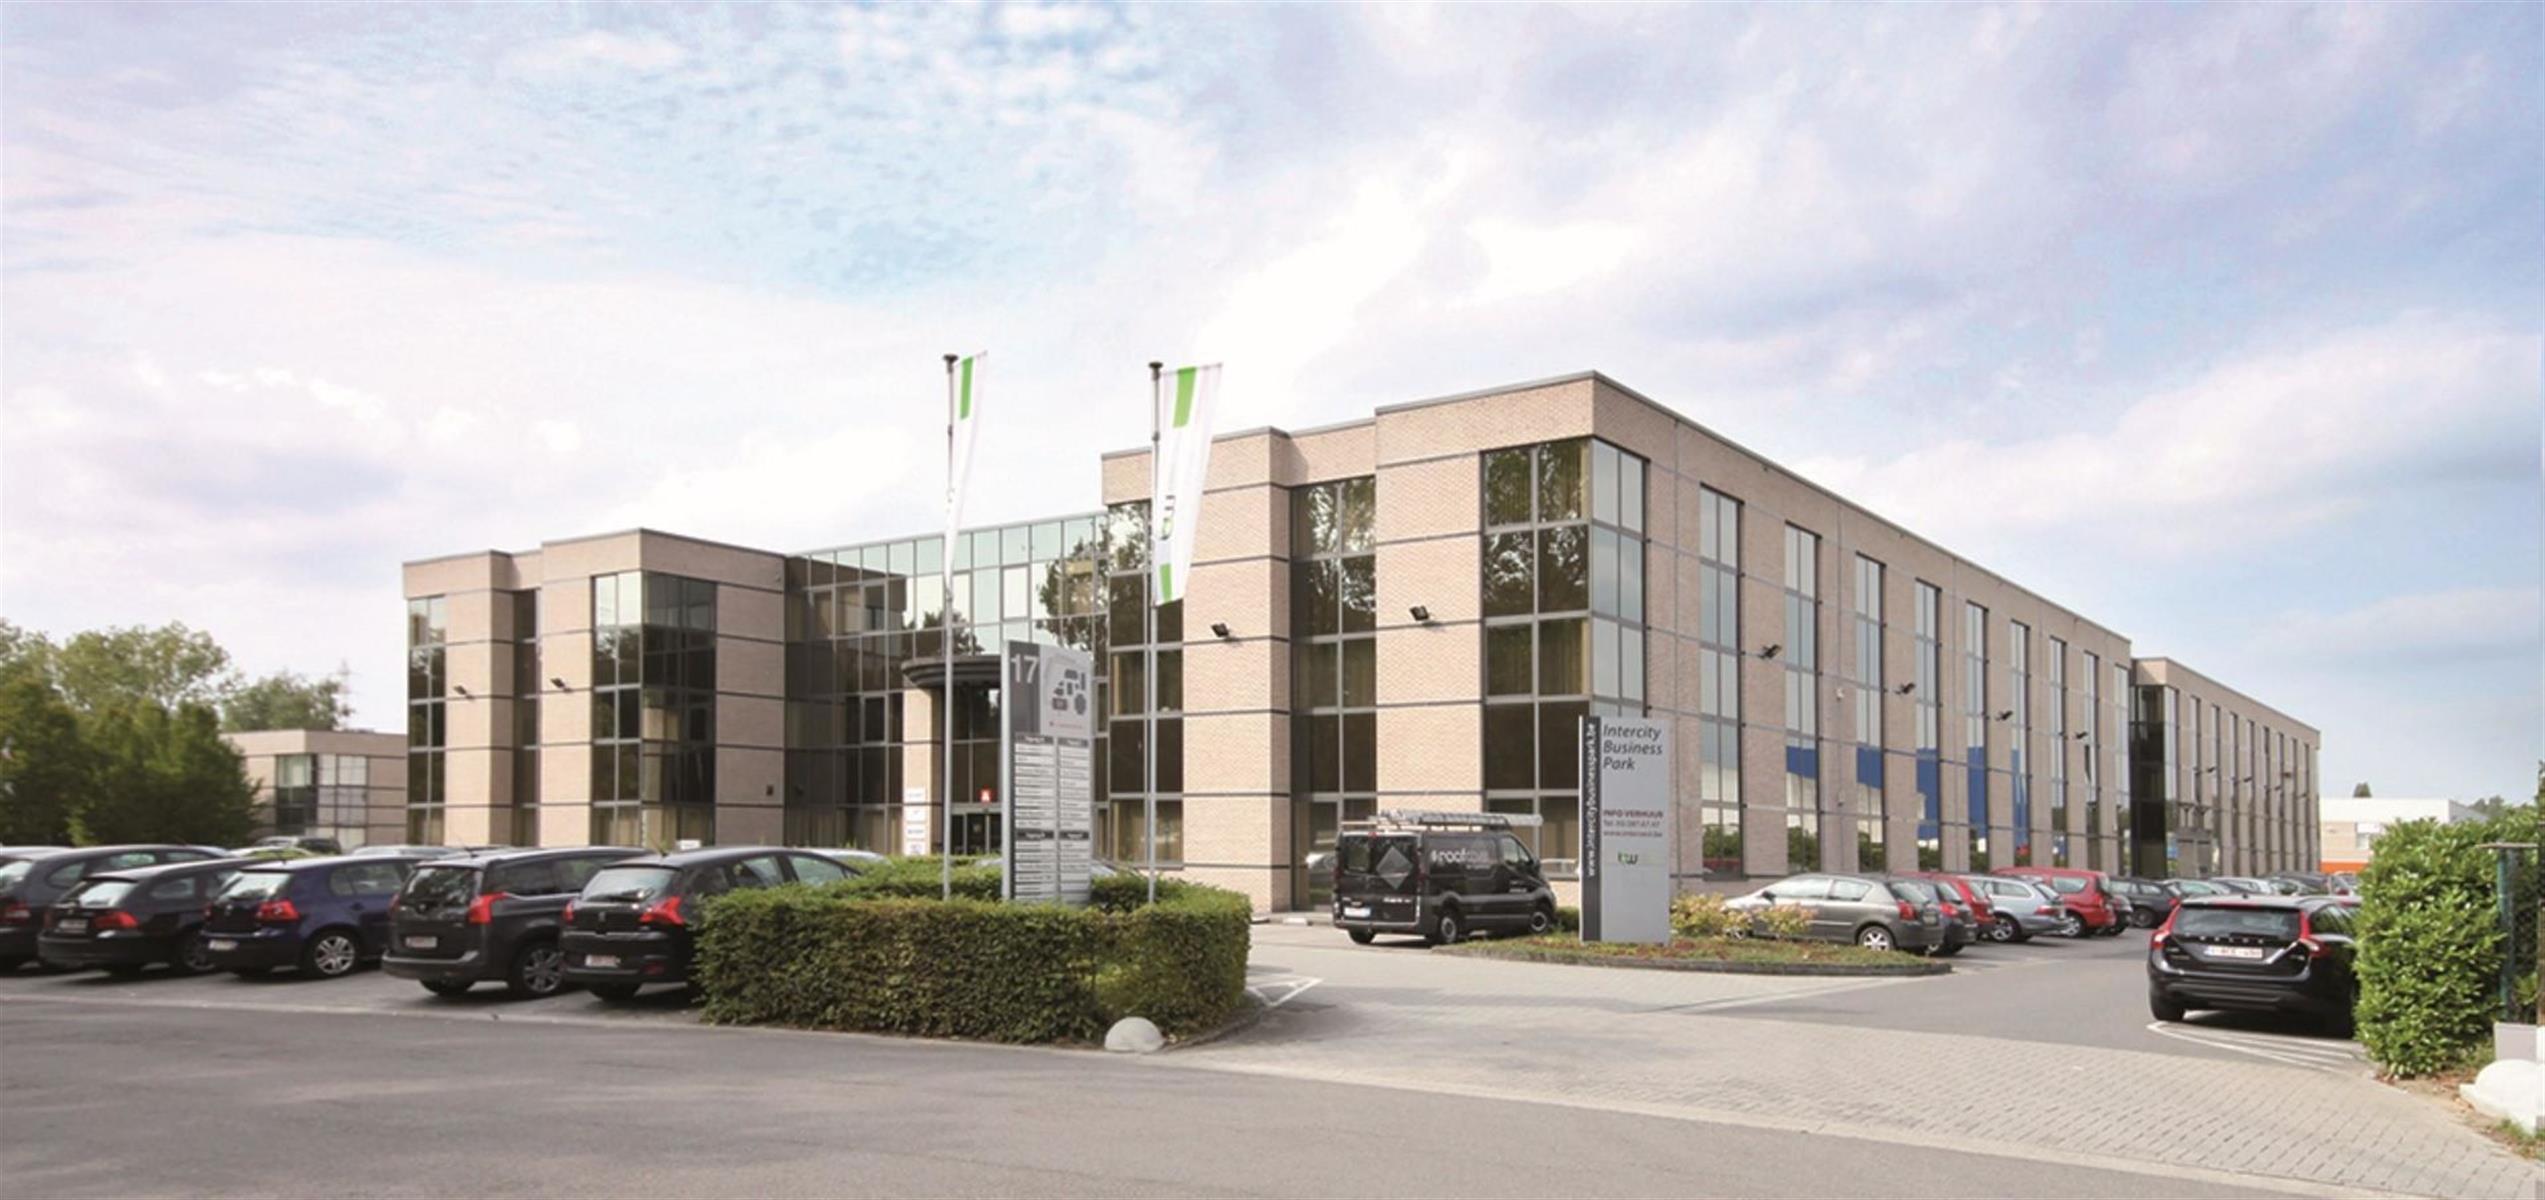 kantoor te huur I126 - 17B - unit 1/L - Generaal de Wittelaan 17, 2800 Mechelen, België 1